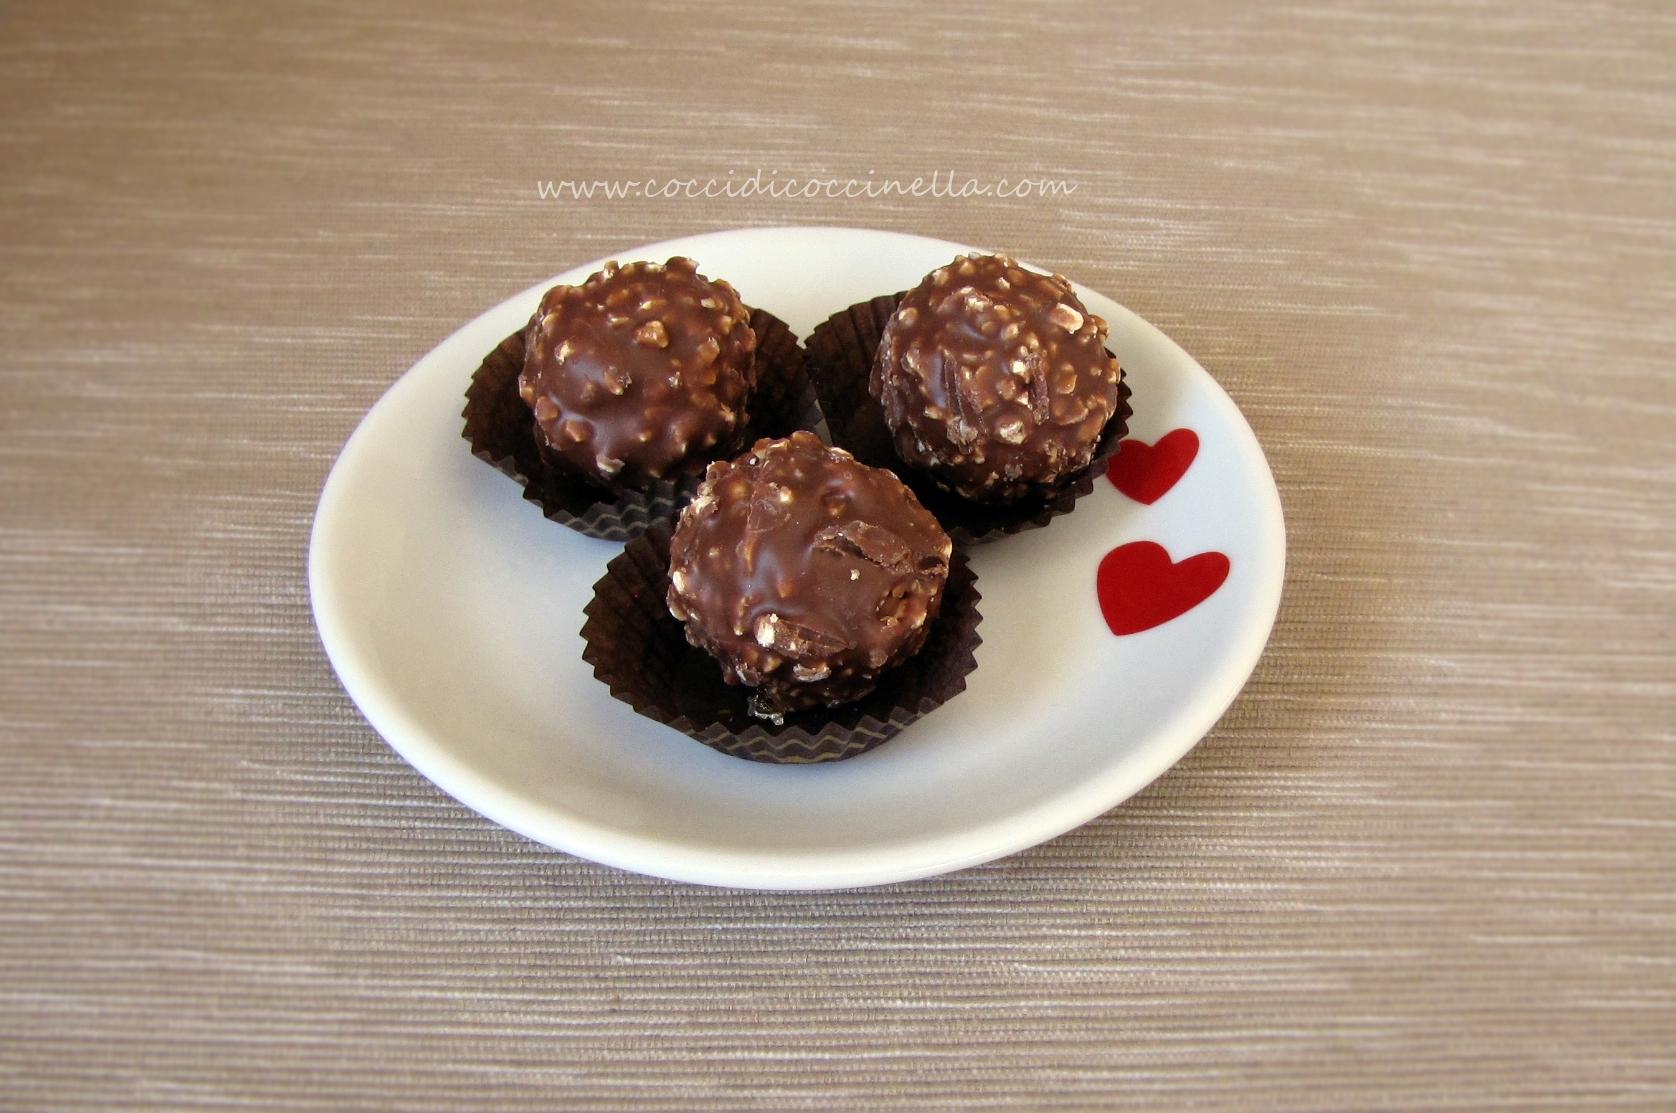 Ferrero rocher fatti in casa - Ricette di cucina Il Cuore ...